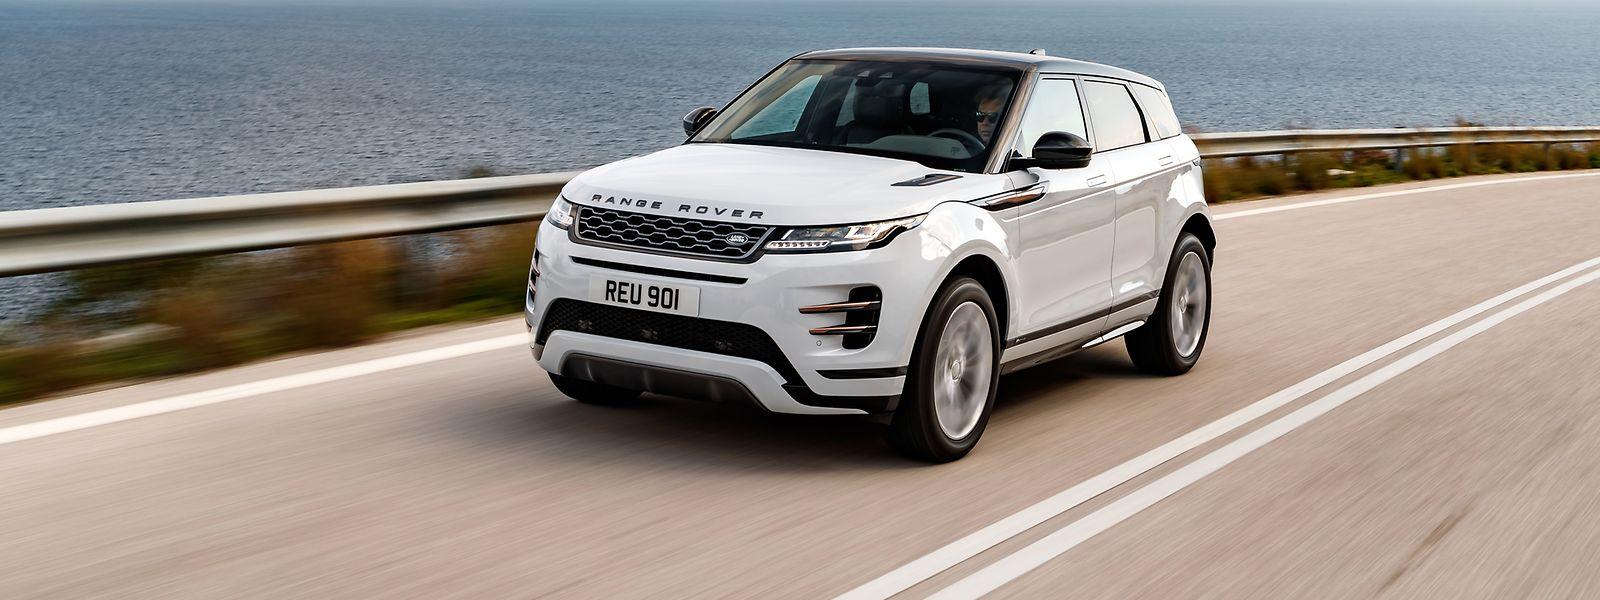 Der neue Range Rover Evoque dürfte die Erfolgsgeschichte seines Vorgängers problemlos fortschreiben. In optischer und technischer Hinsicht bringt er die Voraussetzungen aufjeden Fall mit.